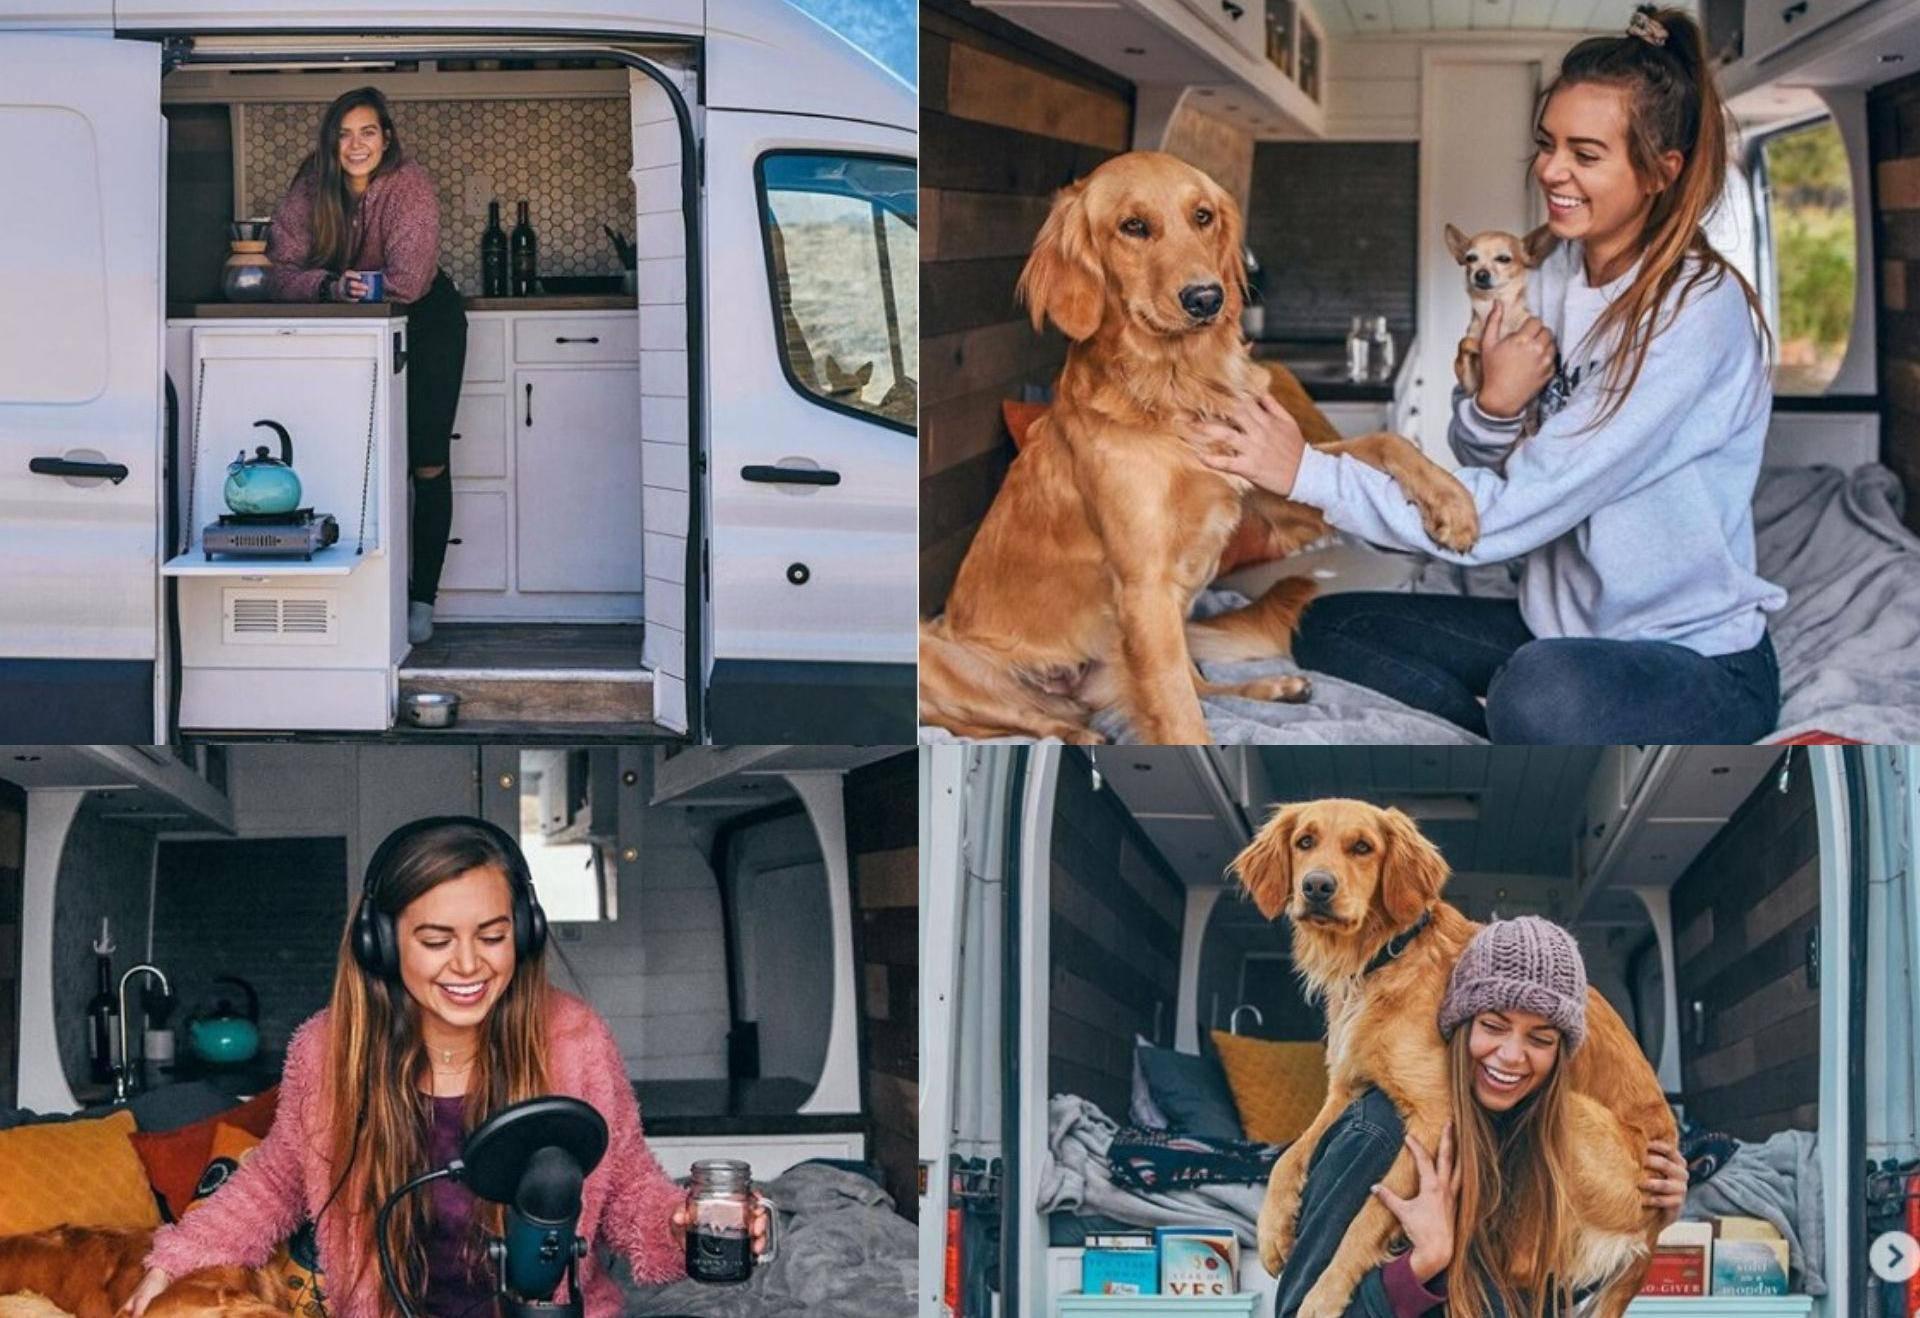 Dala otkaz i prekinula vezu da može putovati sama sa psom